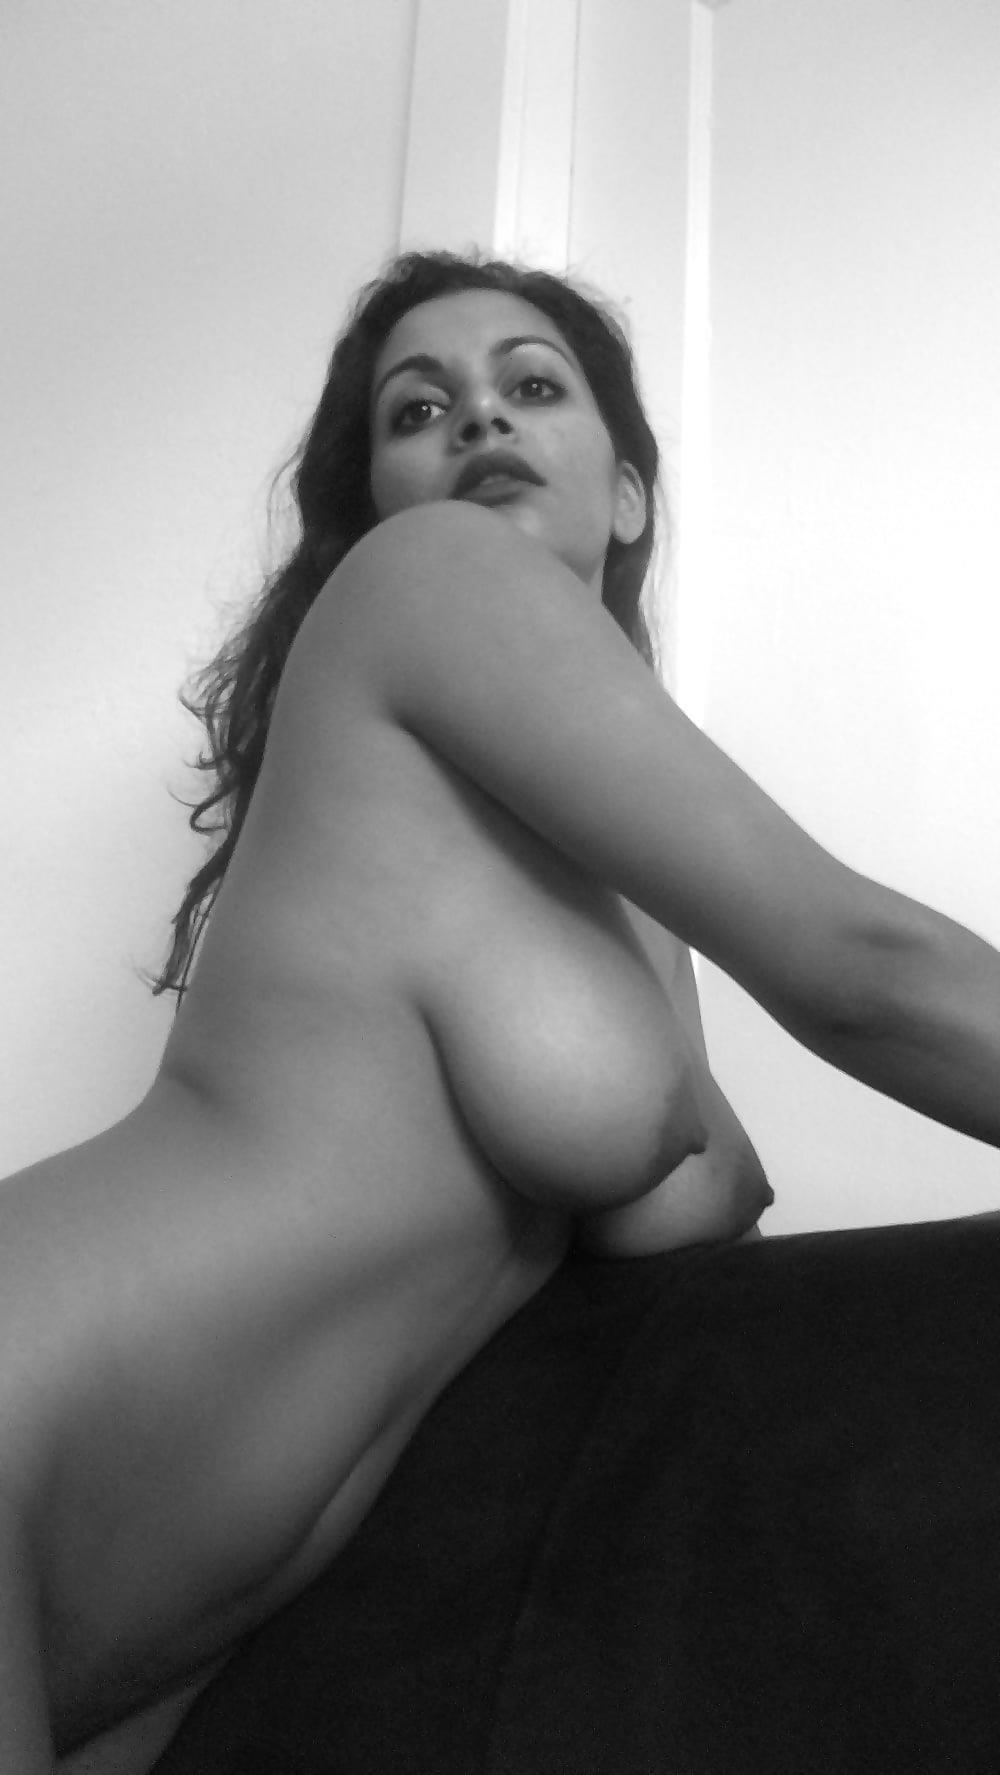 Big boobs nude model-6168